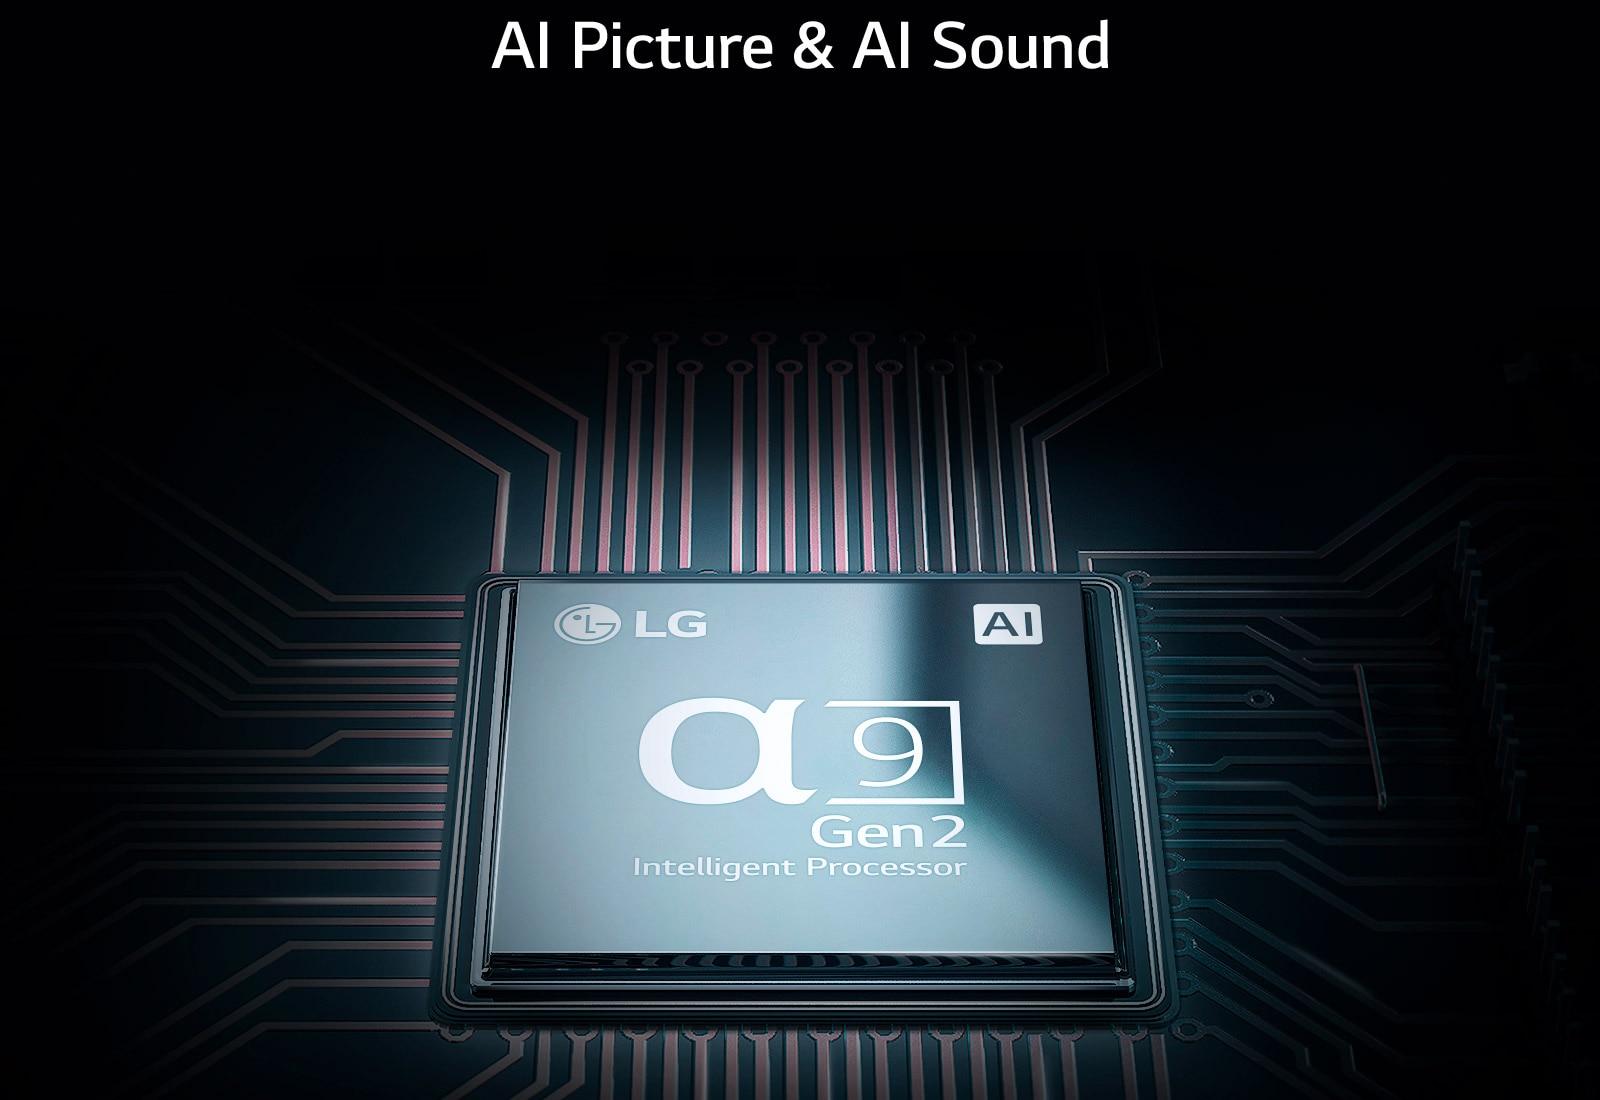 Procesor α9 Gen2 z umetno inteligenco1